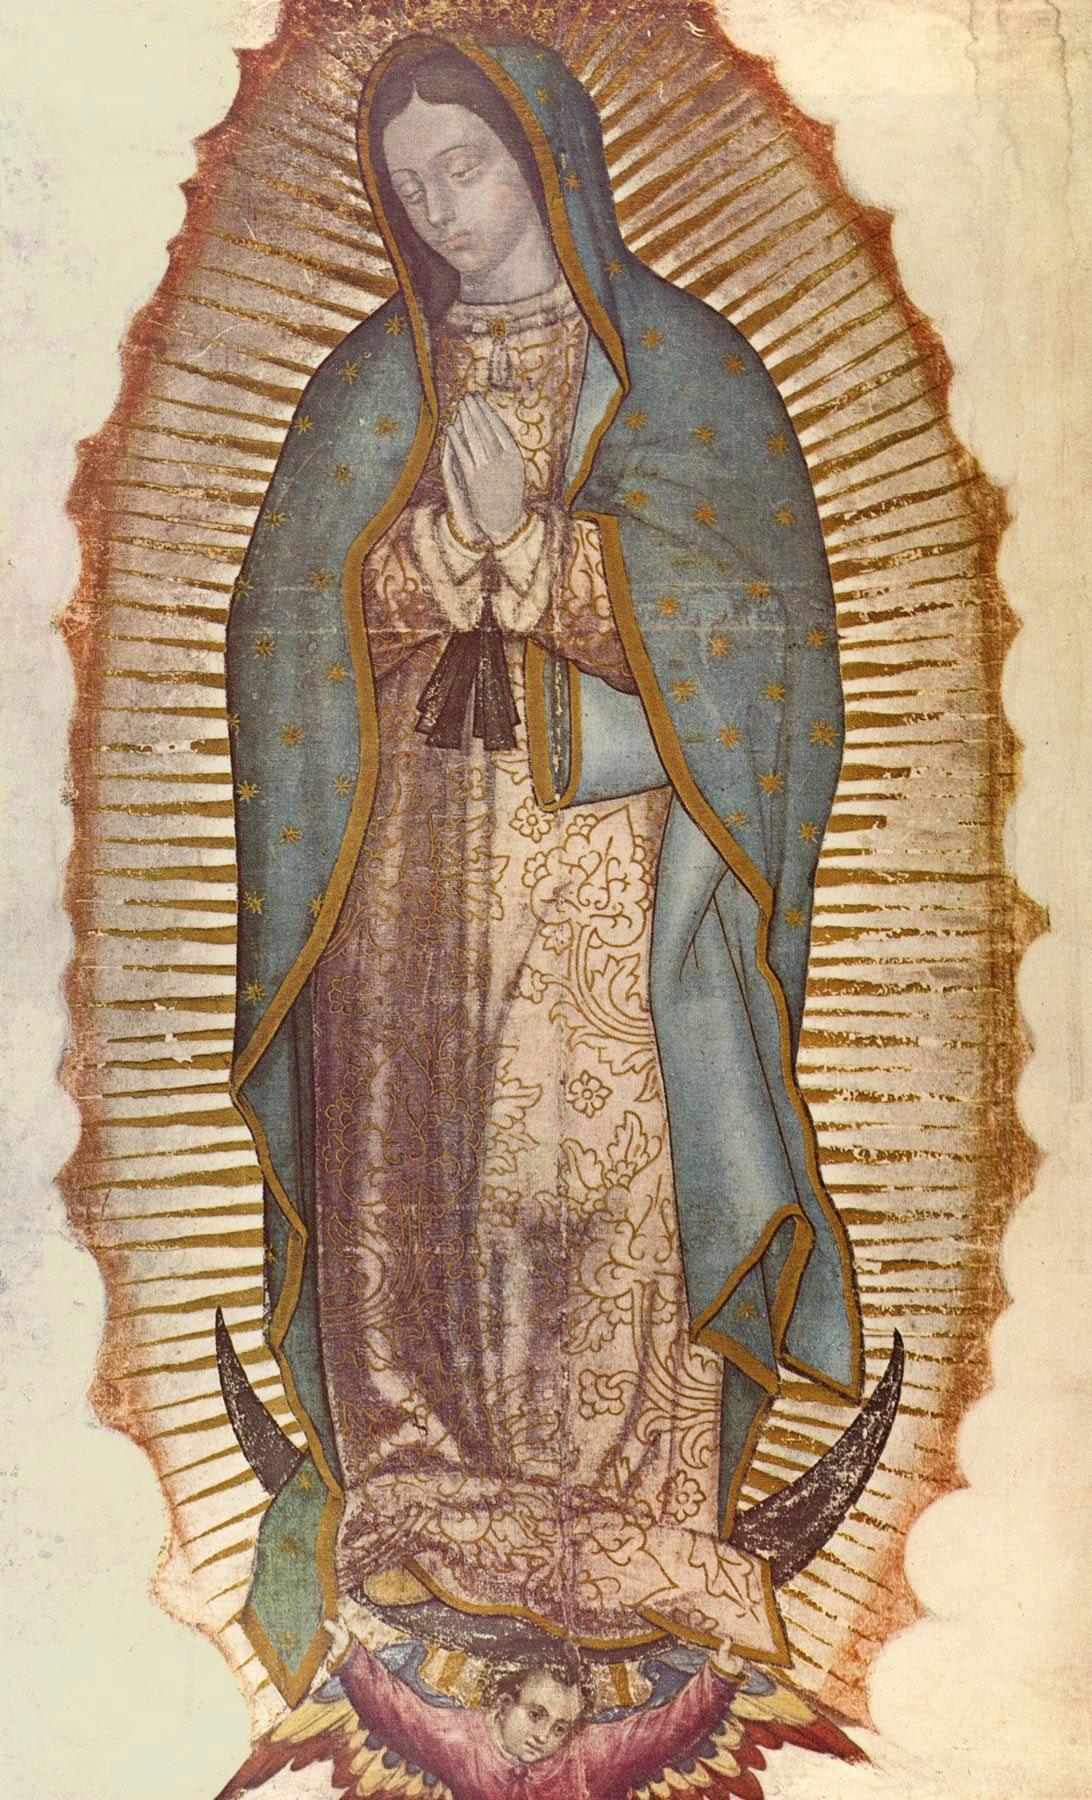 Muchas felicidades para la virgen mar a de guadalupe por el santo de la morenita del tepeyac - Images of la virgen de guadalupe ...